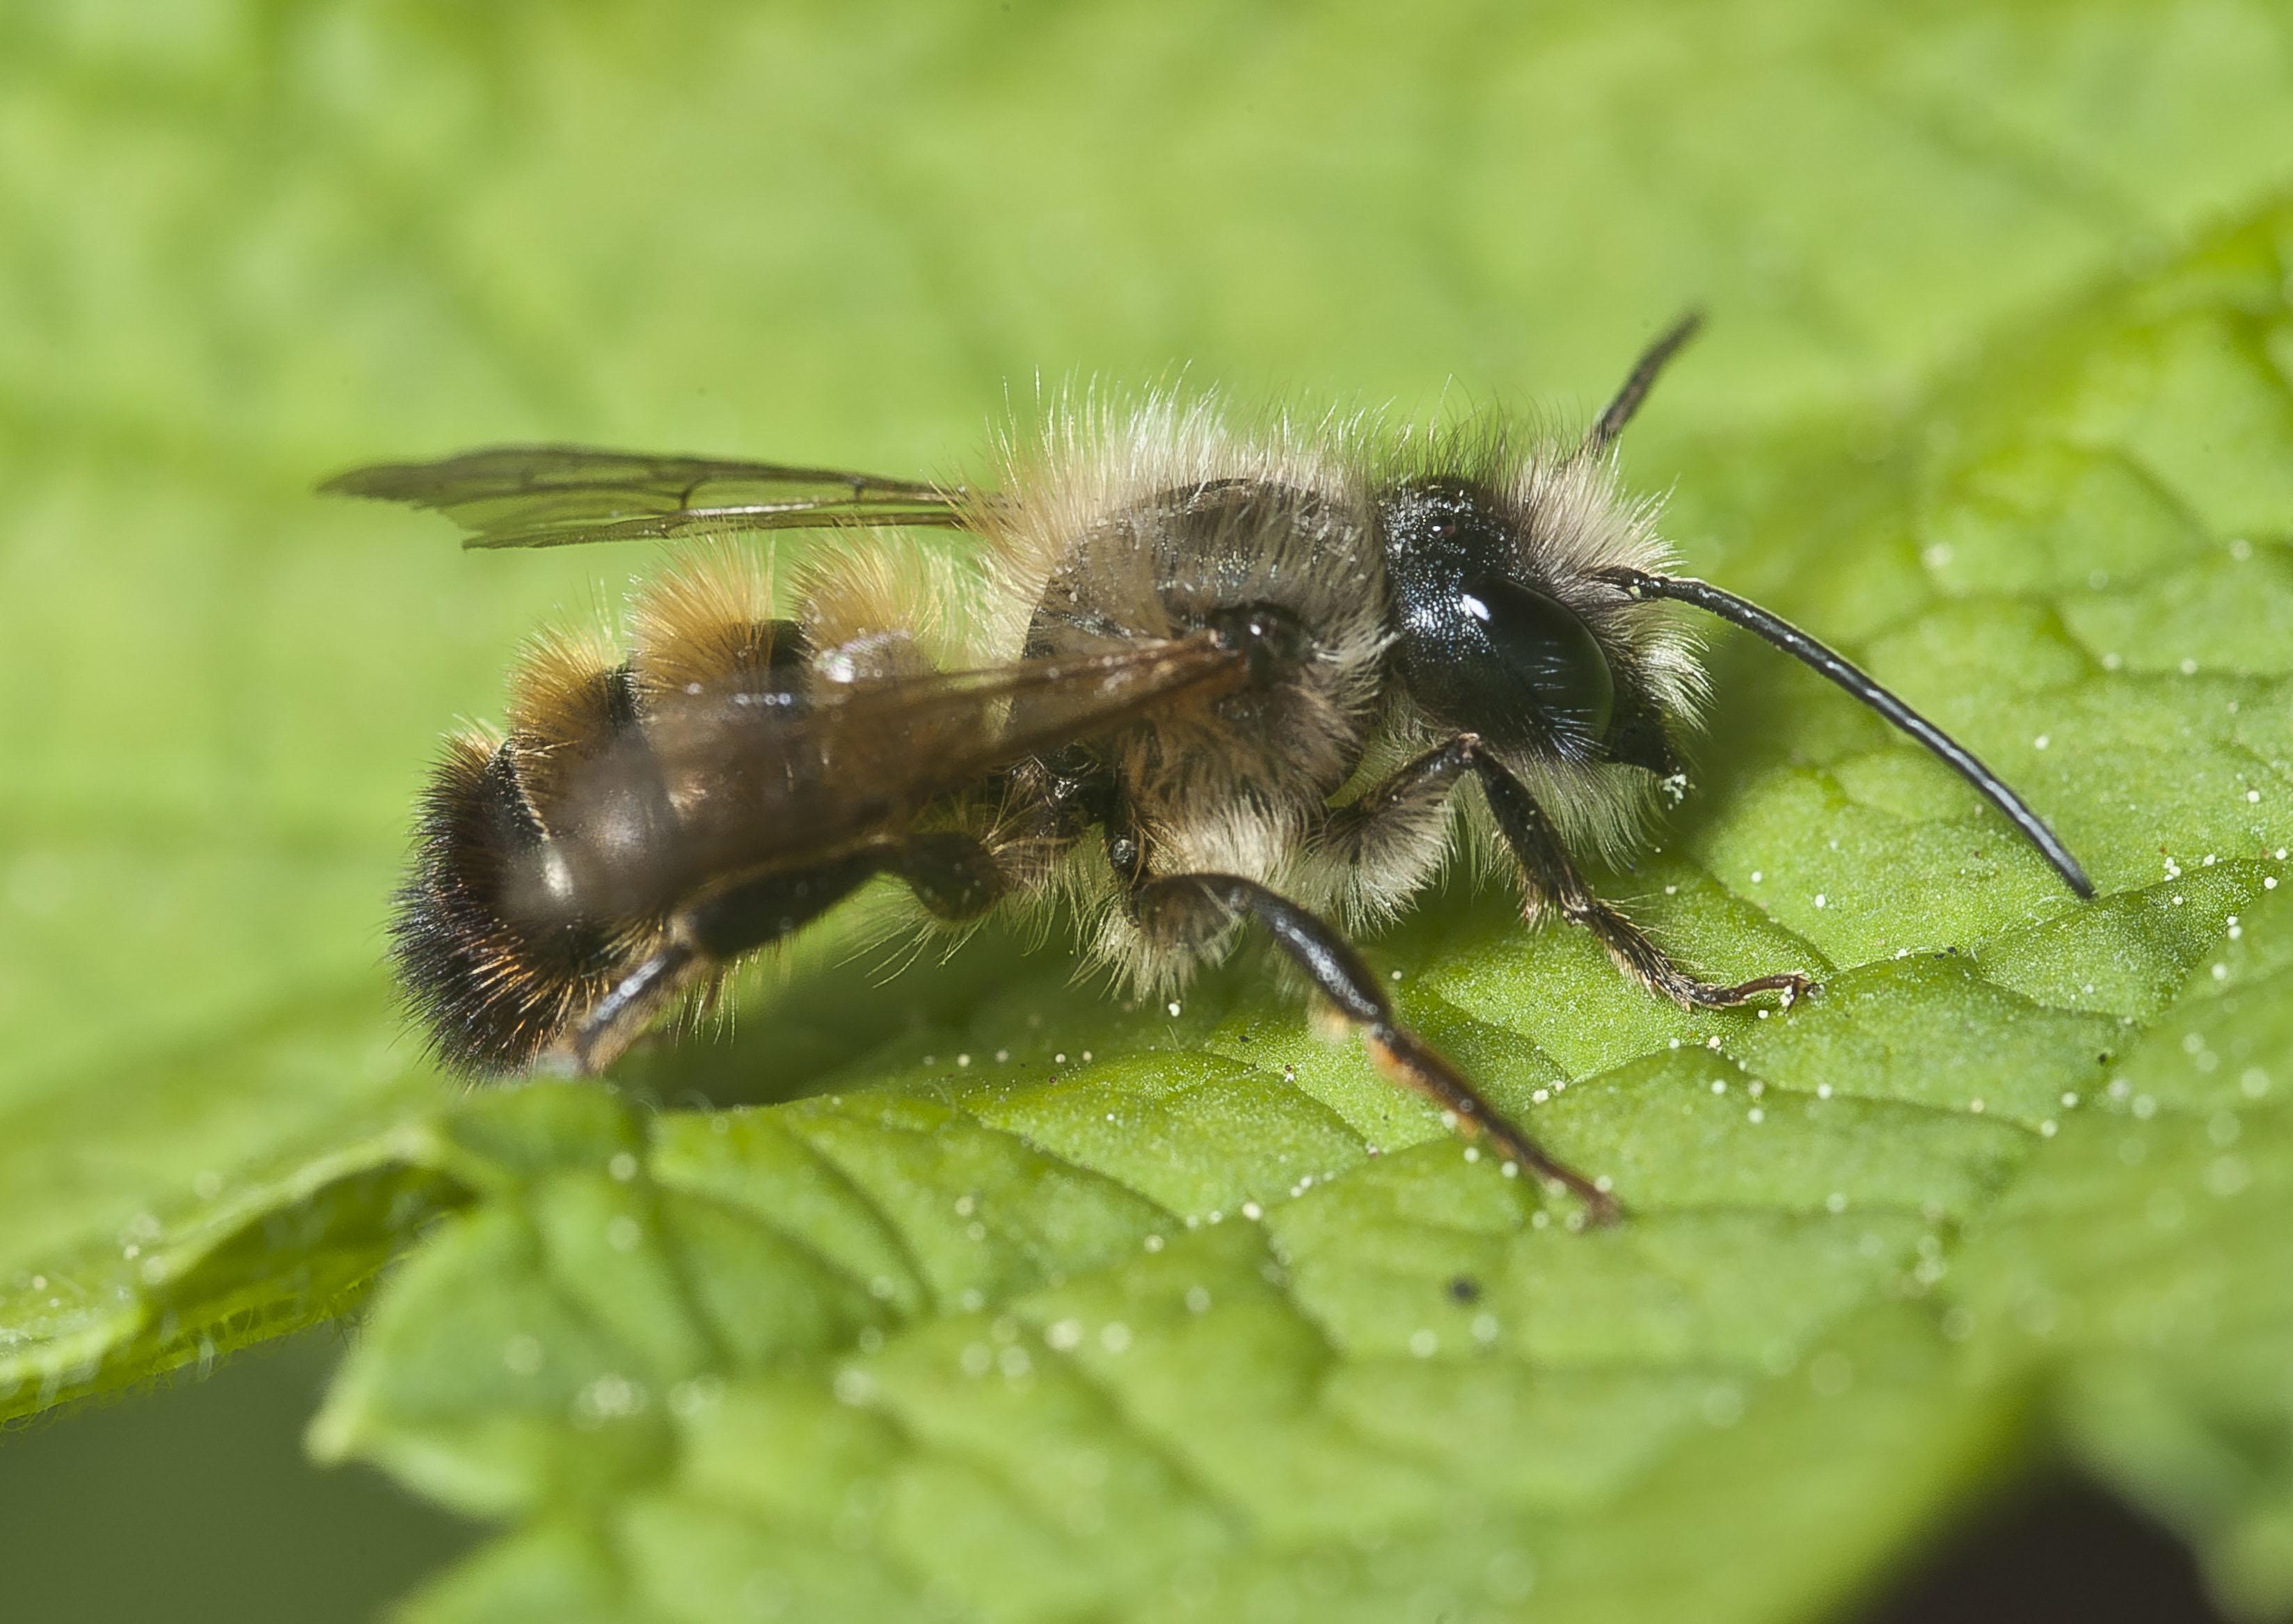 File:Osmia bicornis-pjt jpg - Wikimedia Commons